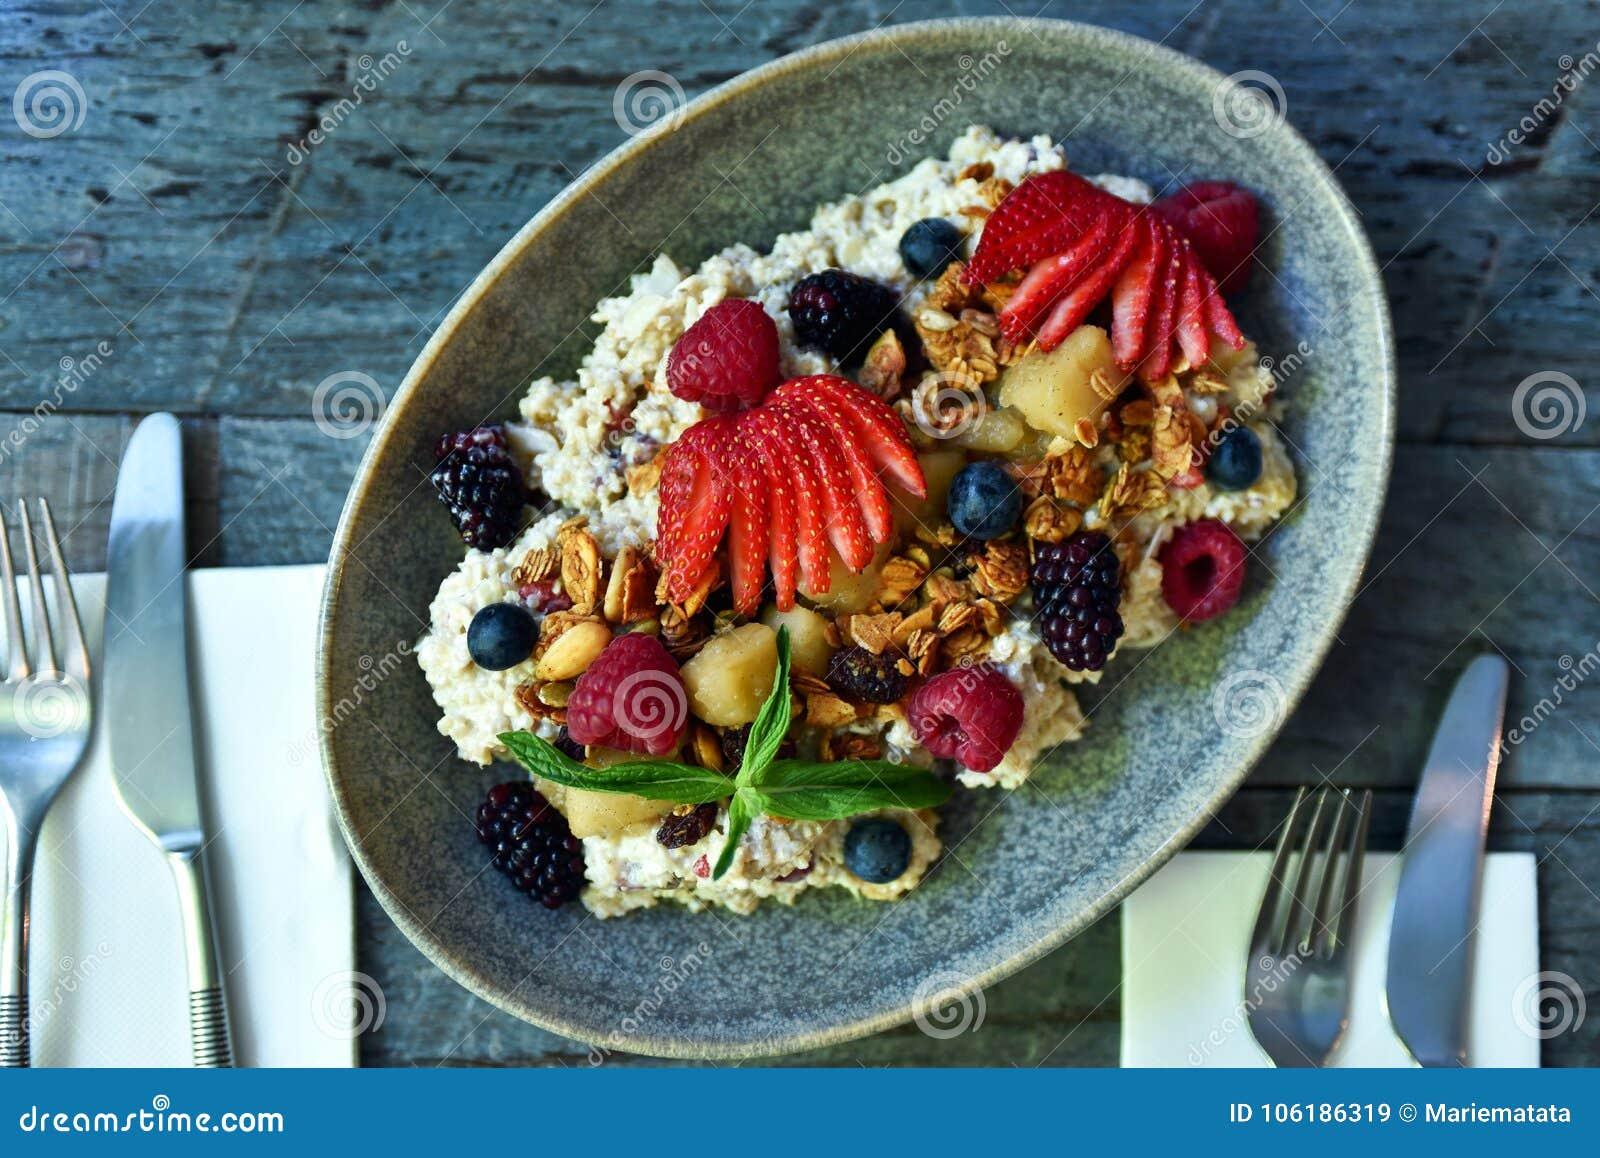 Muesli śniadanie na talerzu